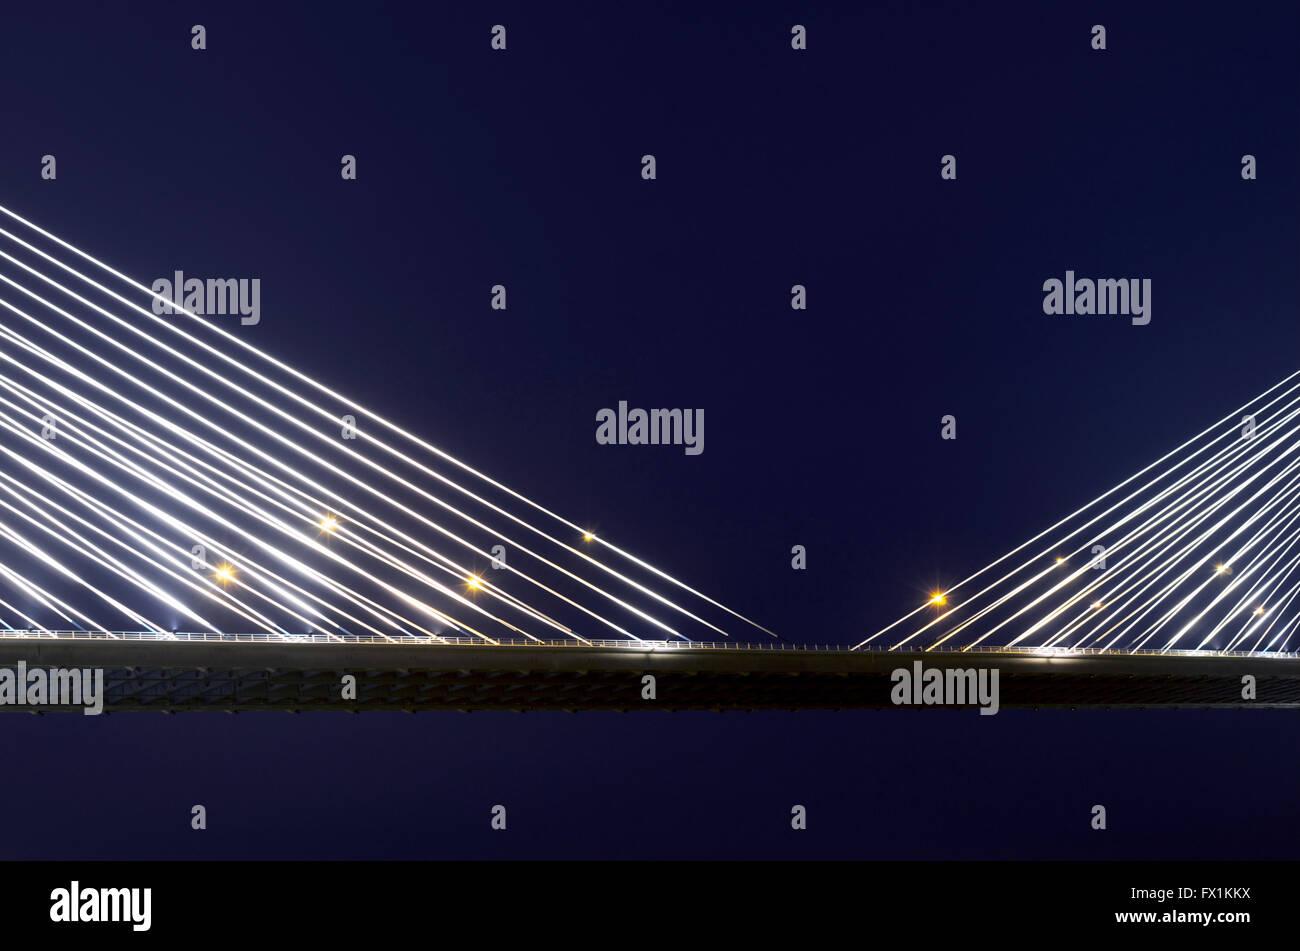 Les câbles de suspension sur le pont Vasco da Gama, illuminé la nuit. Portugal Banque D'Images